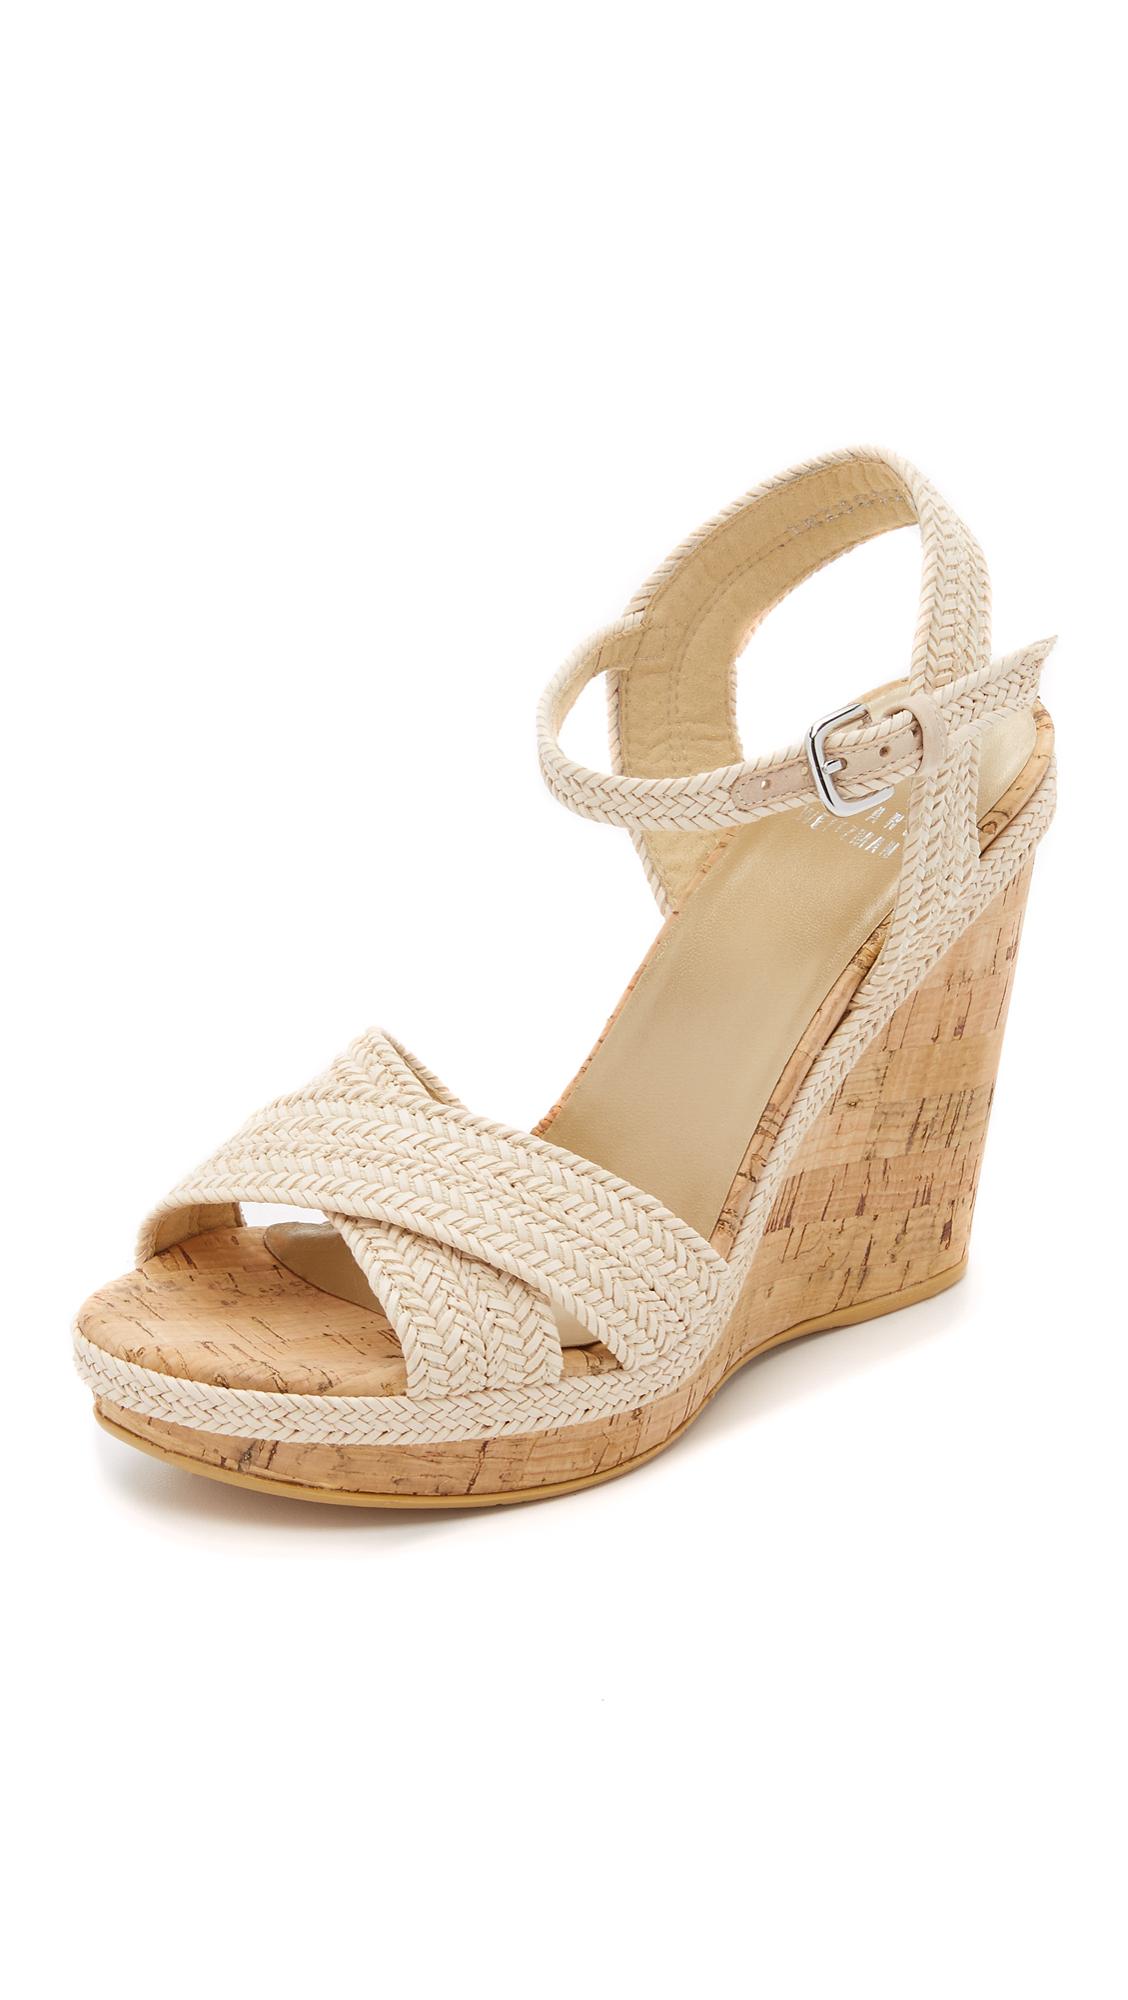 1eda186aeb5 Lyst - Stuart Weitzman Minx Wedge Sandals in White